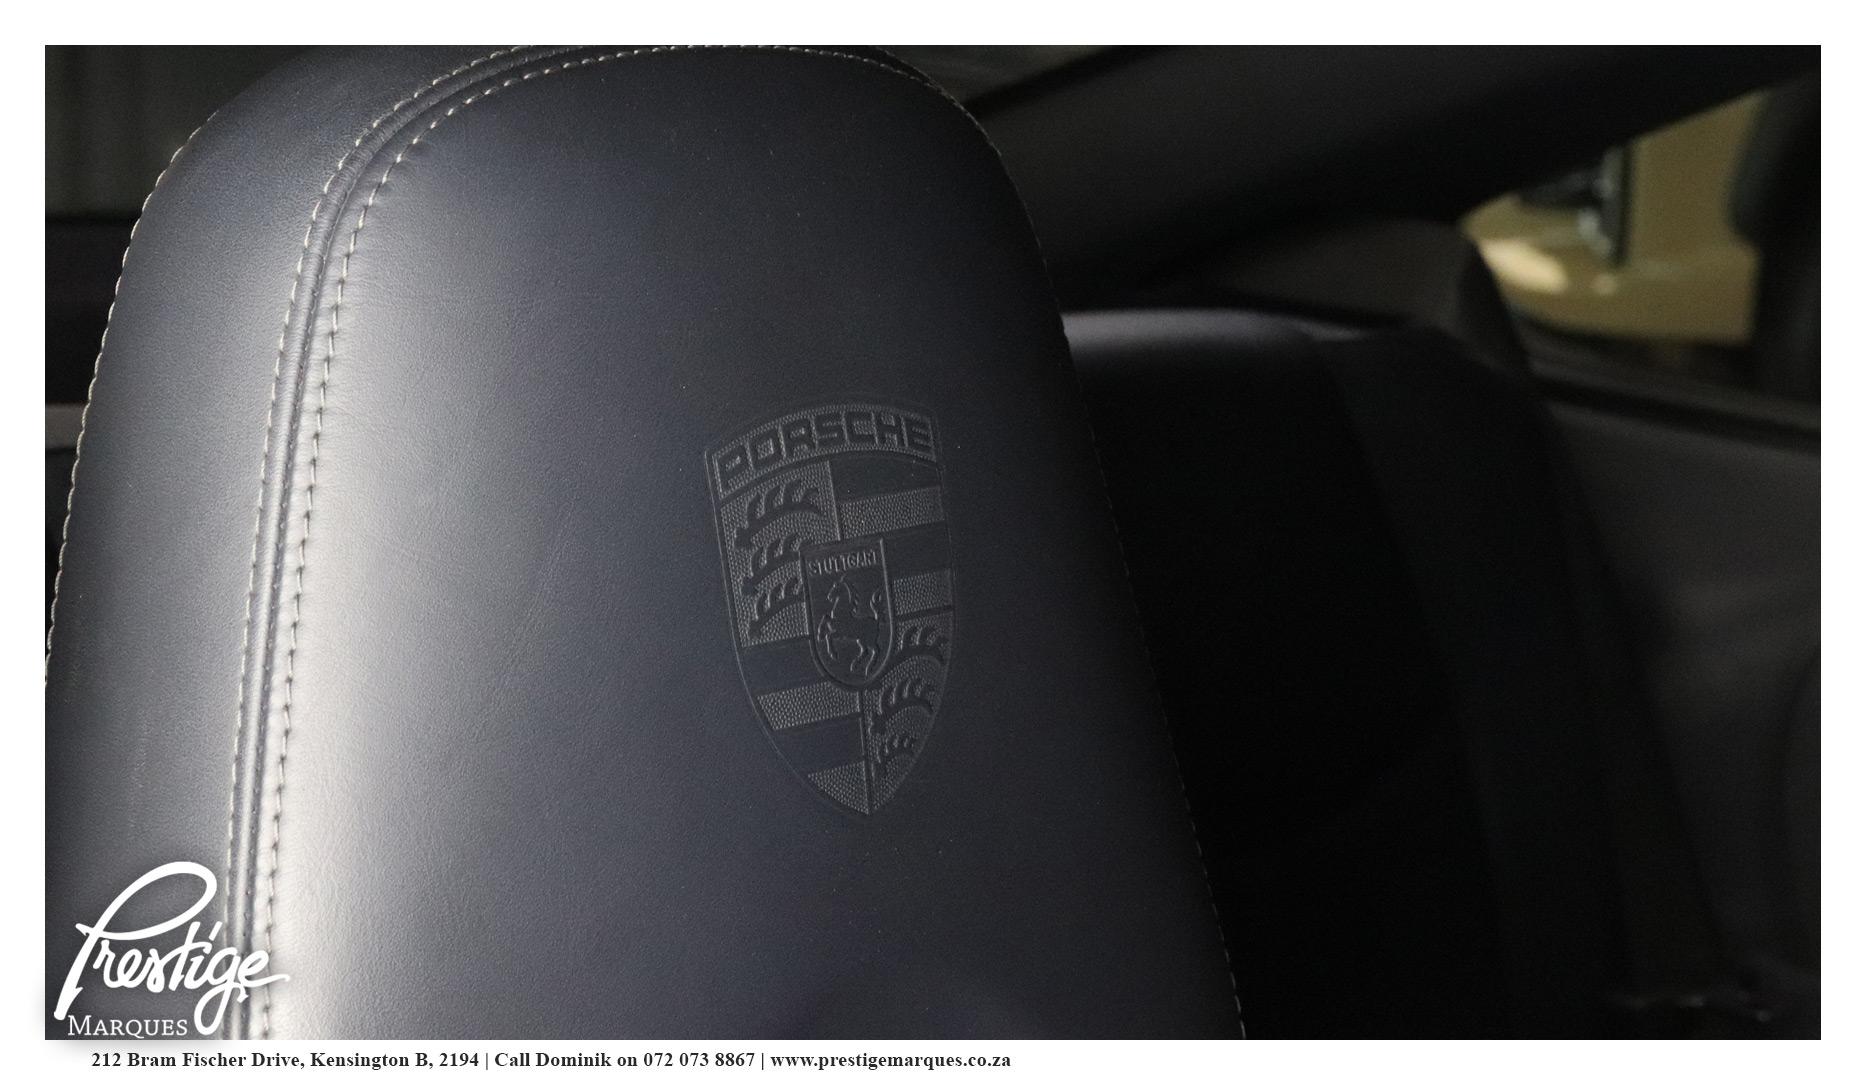 2007-Porsche-911-997-Carerra-4s-manual-prestige-marques-randburg-sandton-16